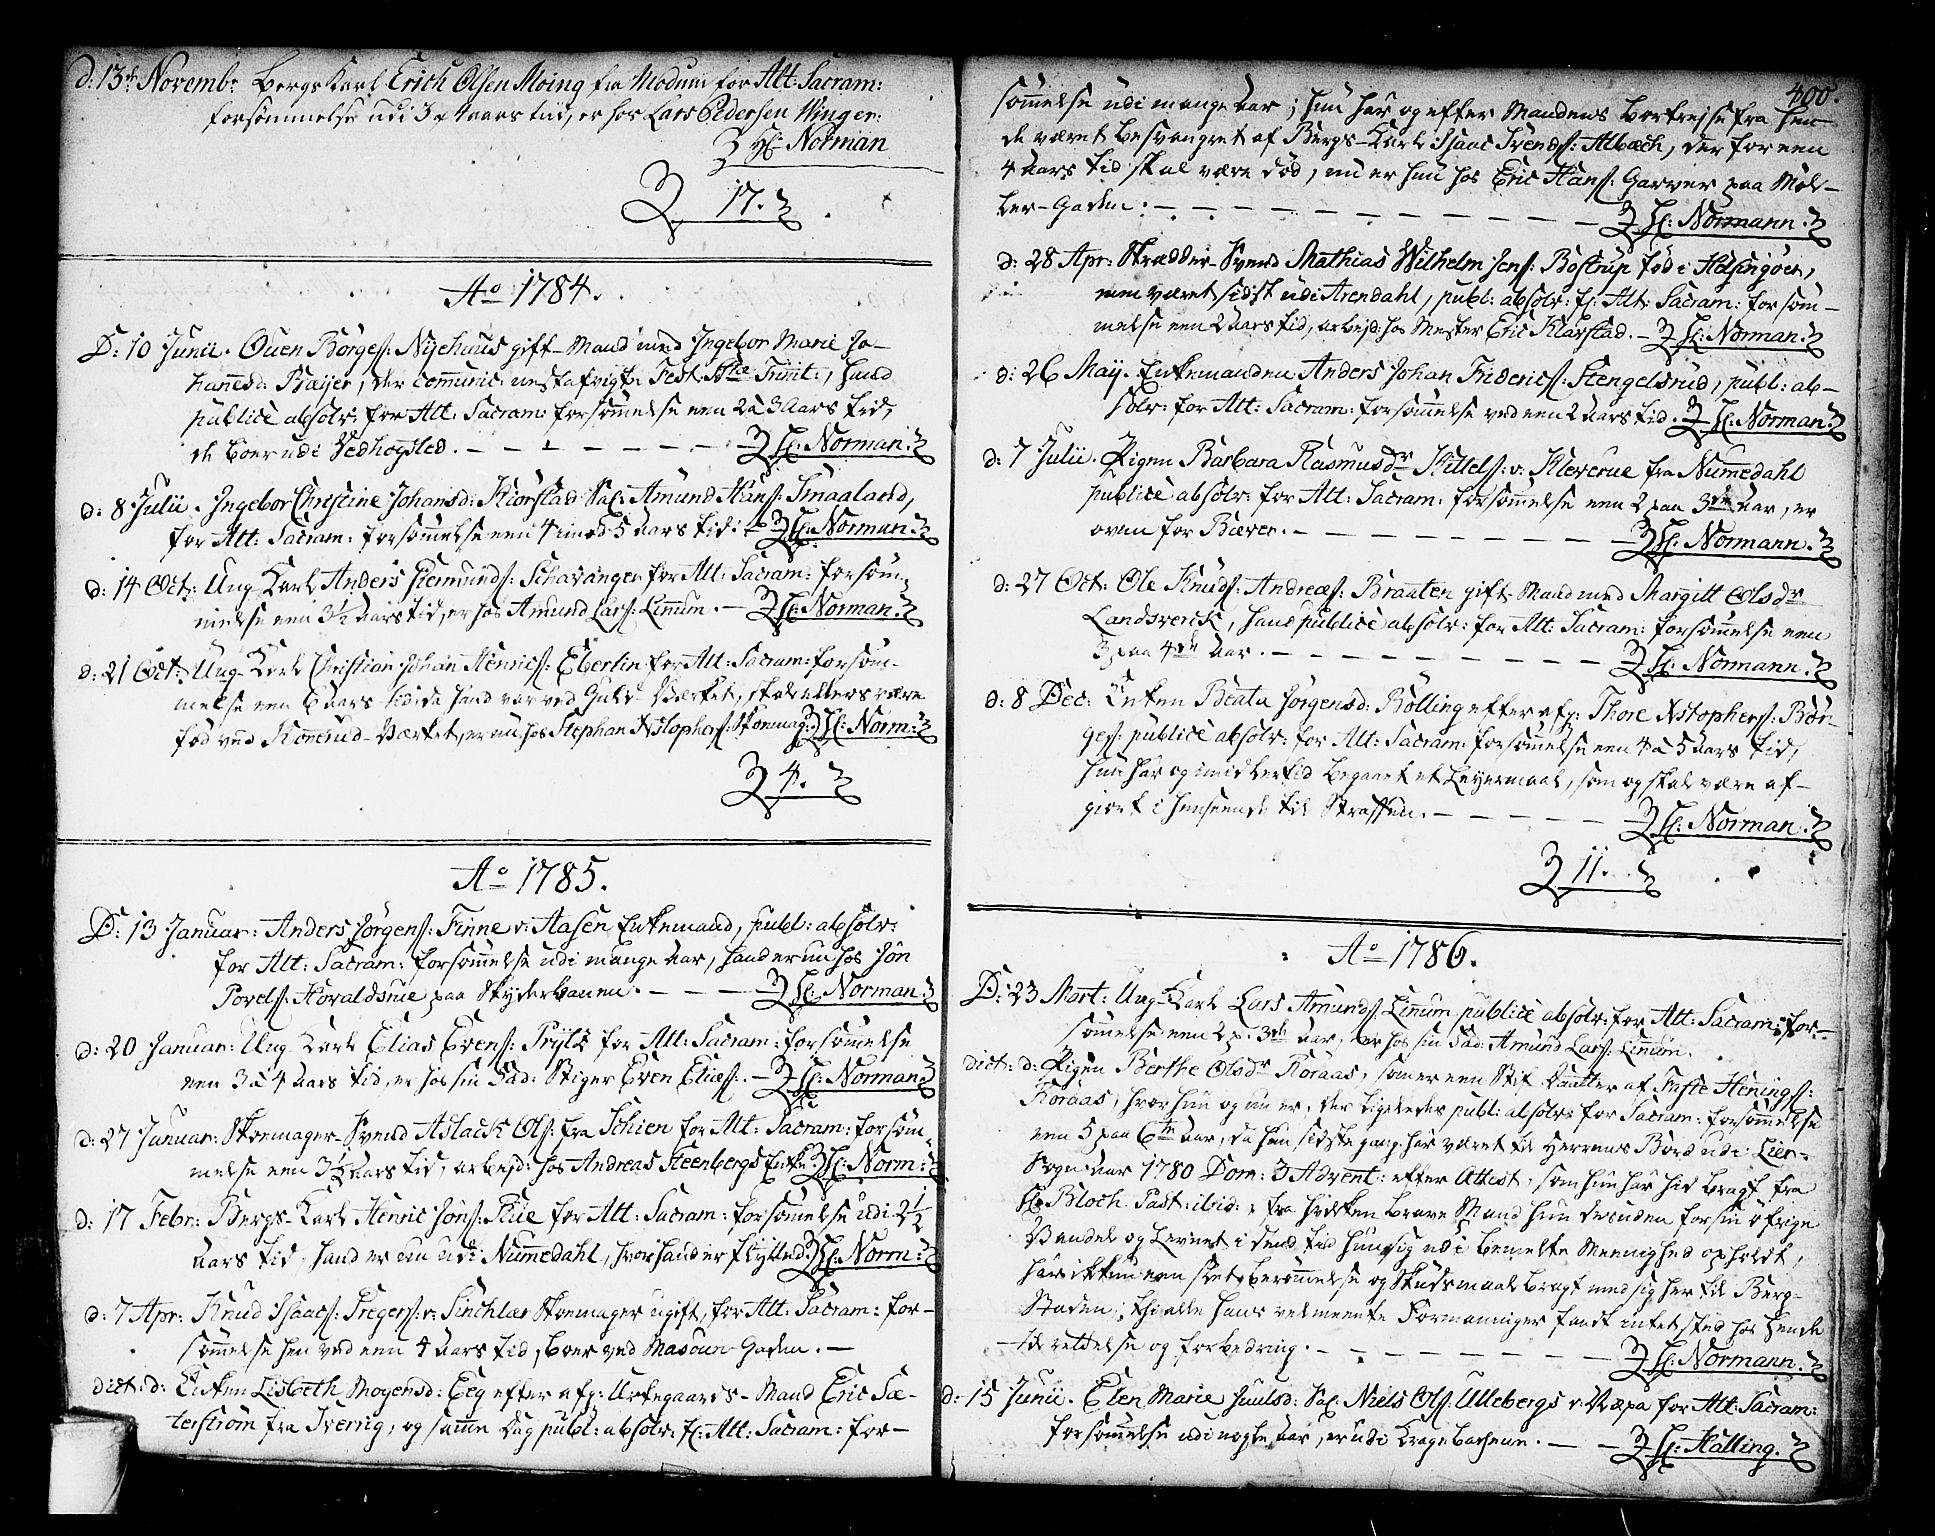 SAKO, Kongsberg kirkebøker, F/Fa/L0006: Ministerialbok nr. I 6, 1783-1797, s. 400